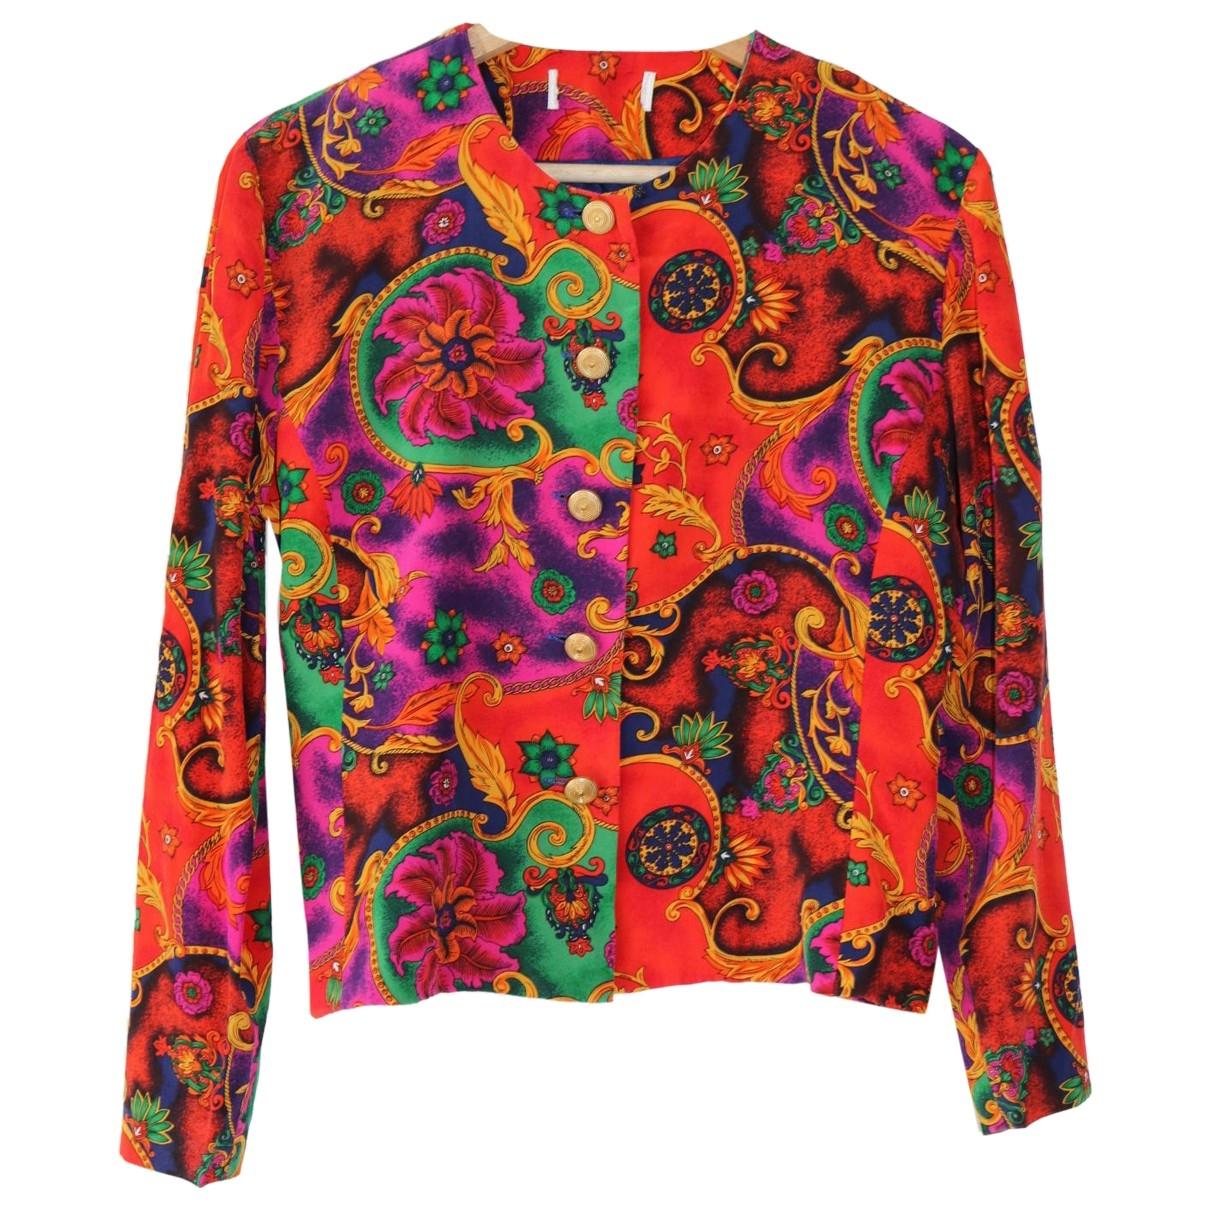 - Veste Hippie Chic pour femme en soie - multicolore